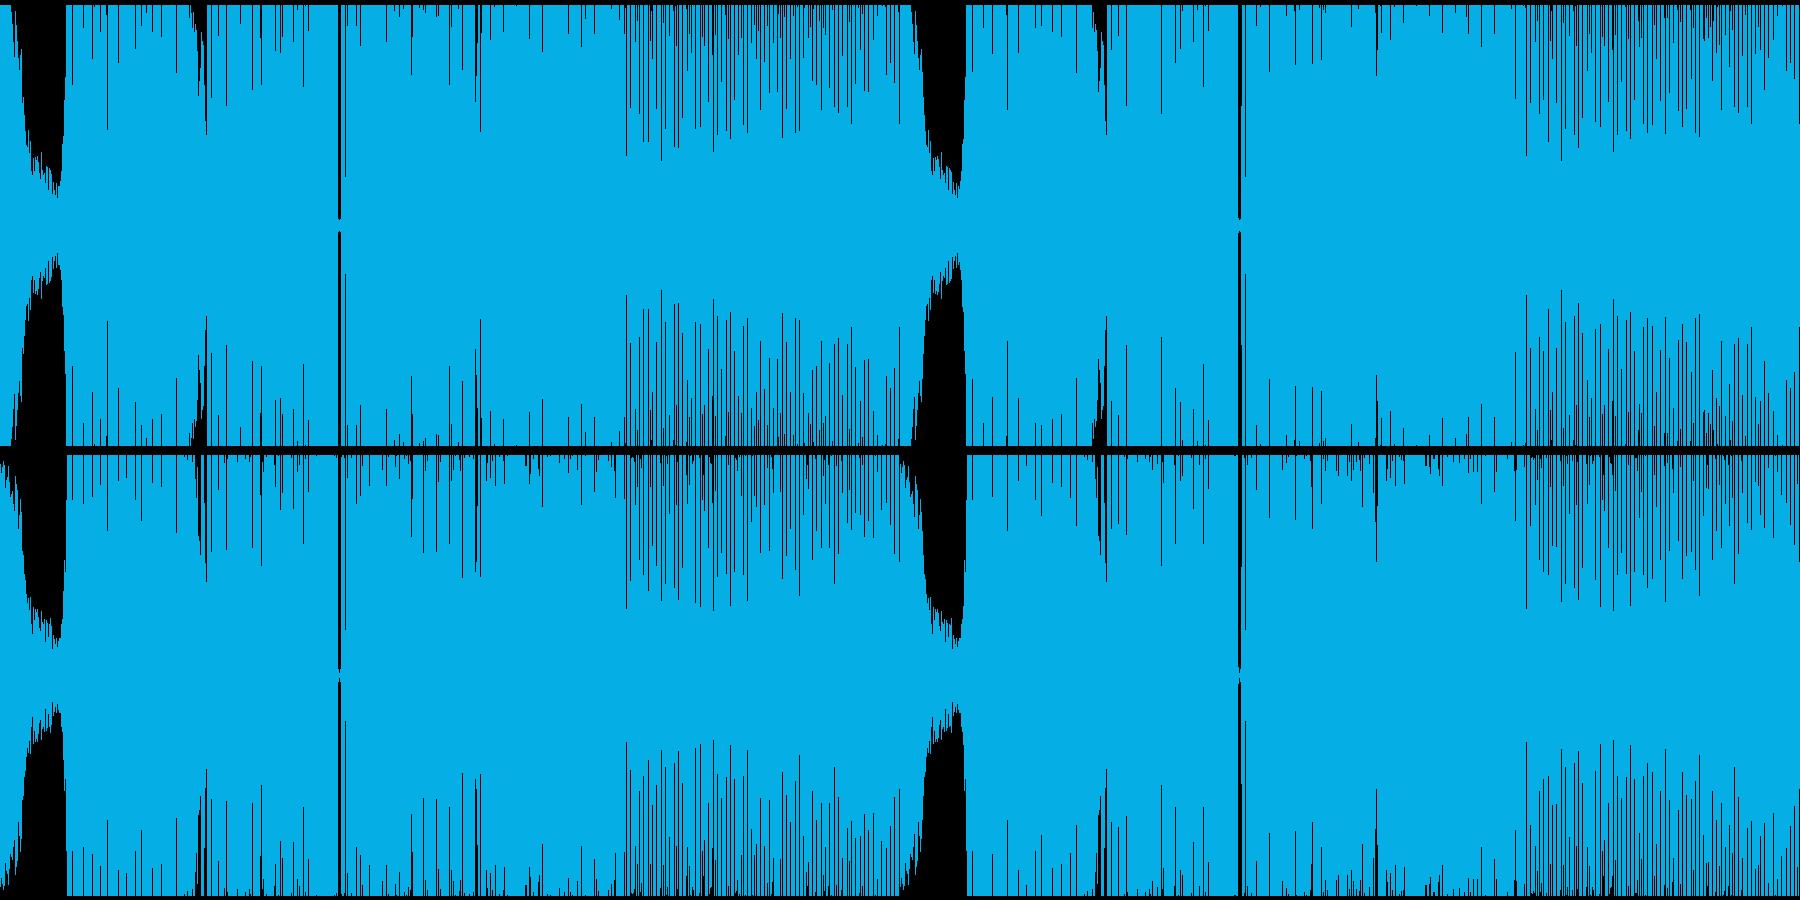 キャッチーでパワフルなEDMループの再生済みの波形